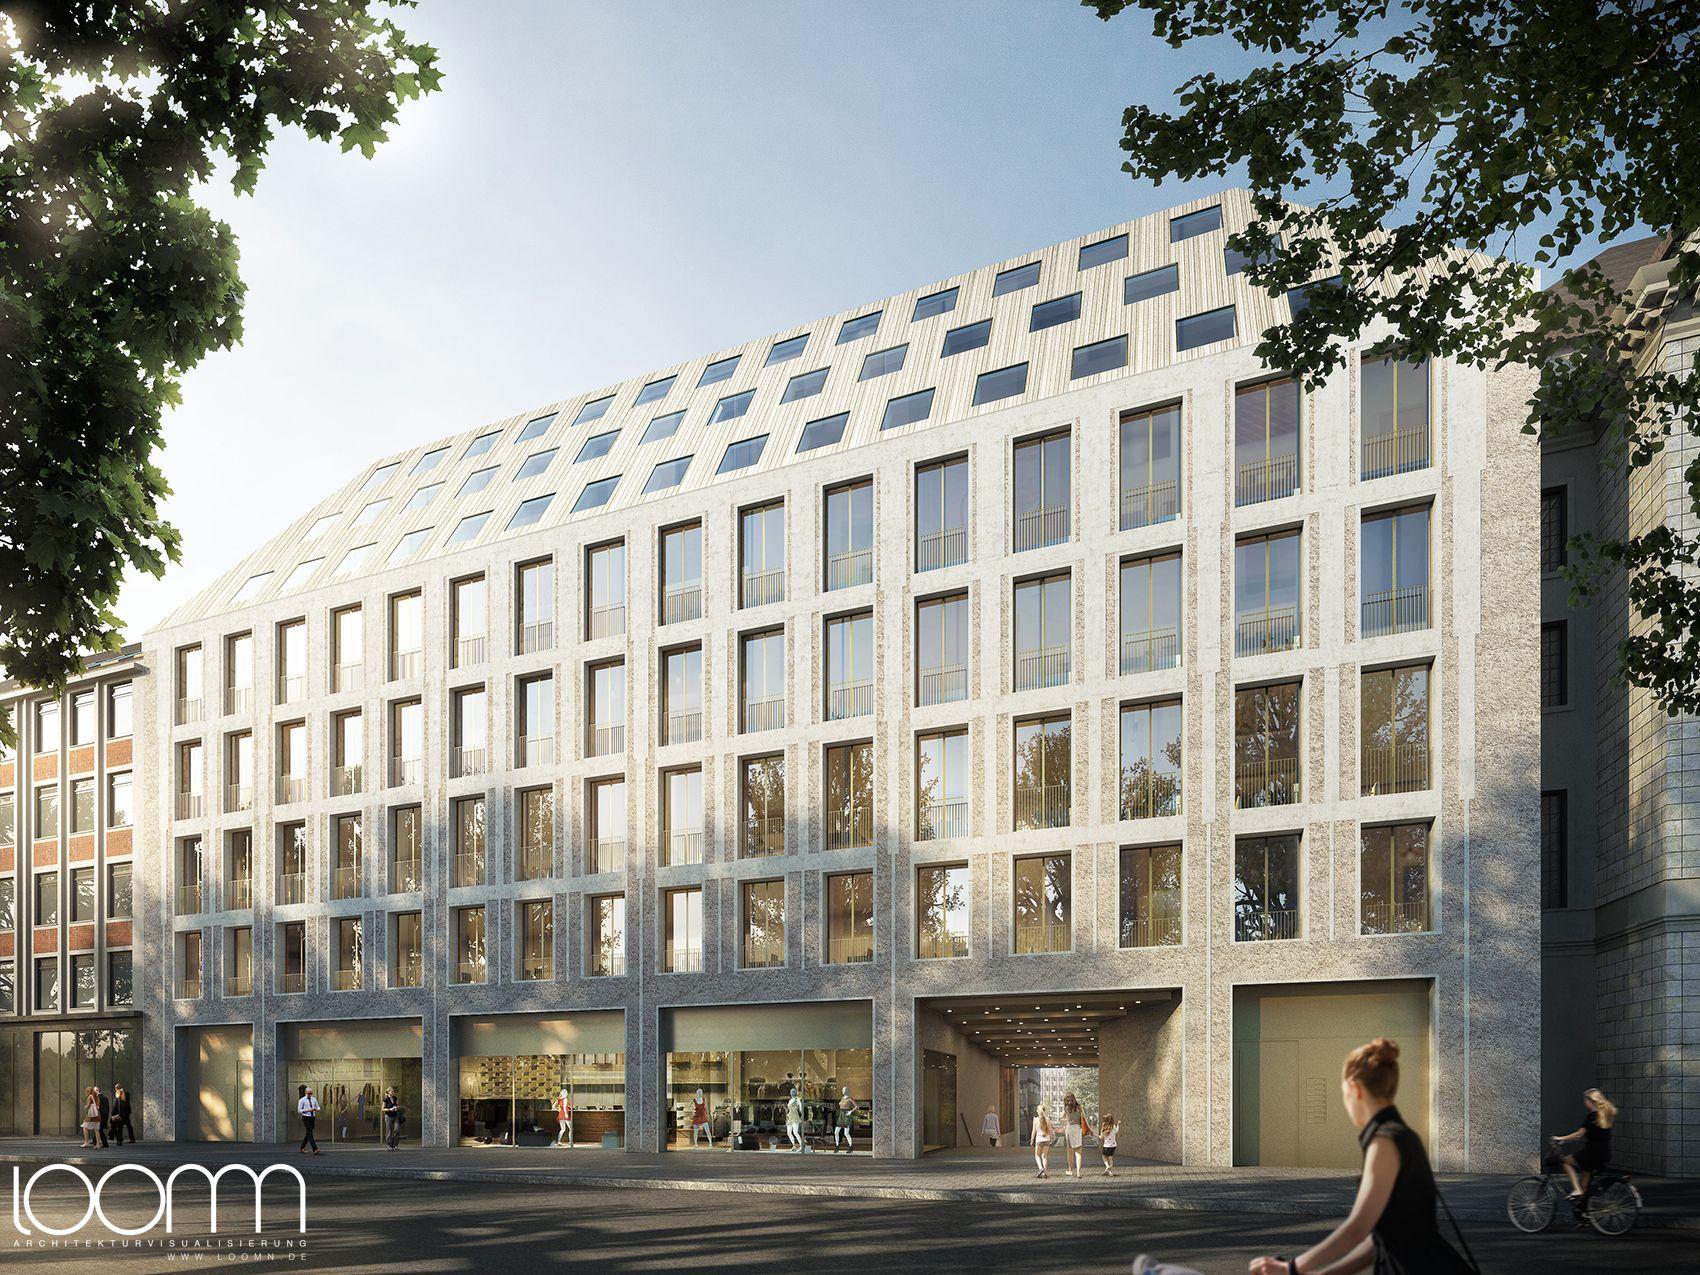 Architekturbüro Bremen 3d architektur illustration loomn für einen wettbewerb dbco